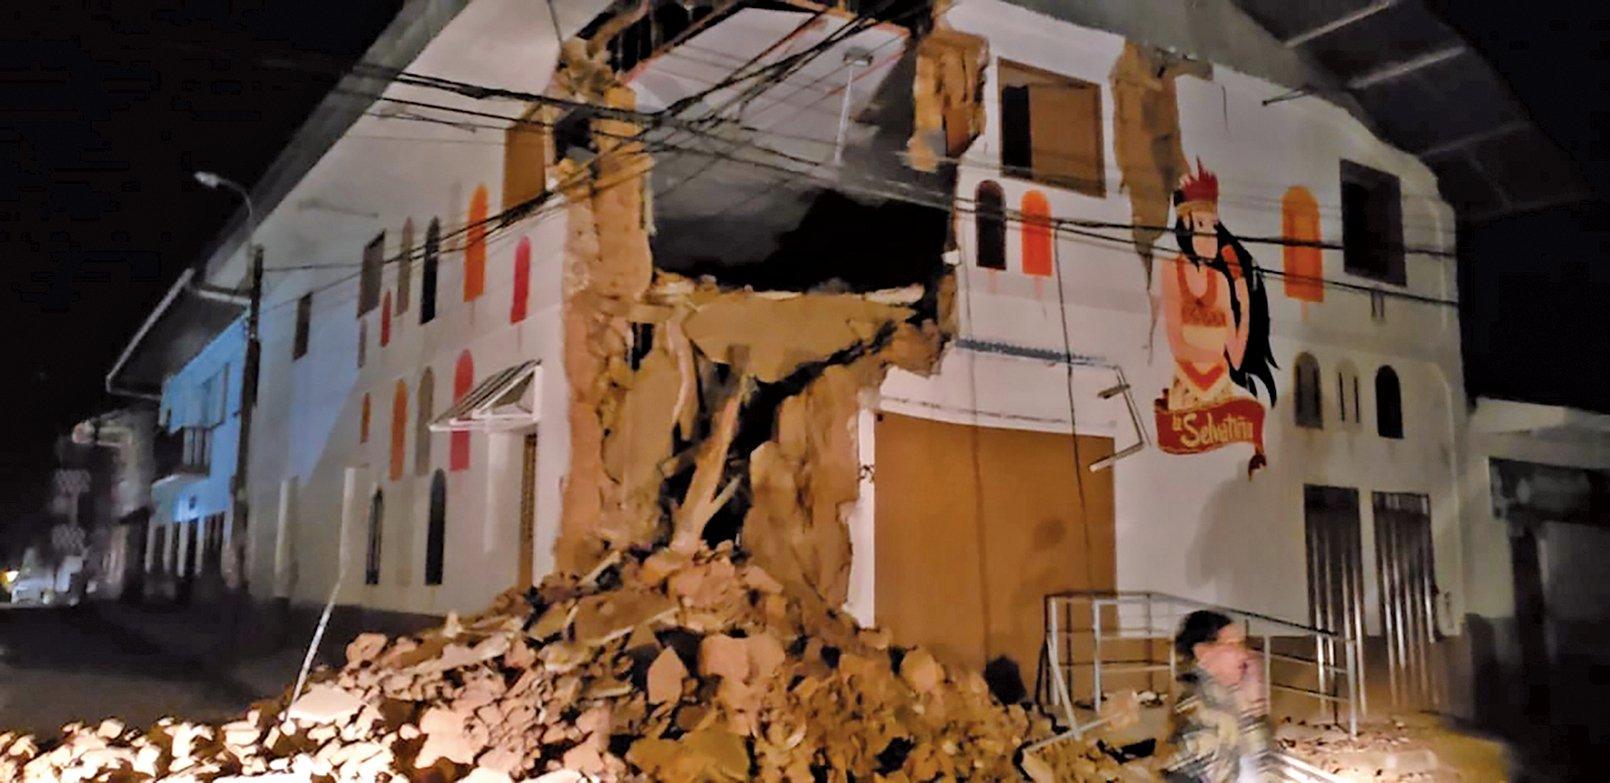 秘魯北部周日(5月26日)發生8級大地震。這是自2007年以來最大的地震。(AFP)